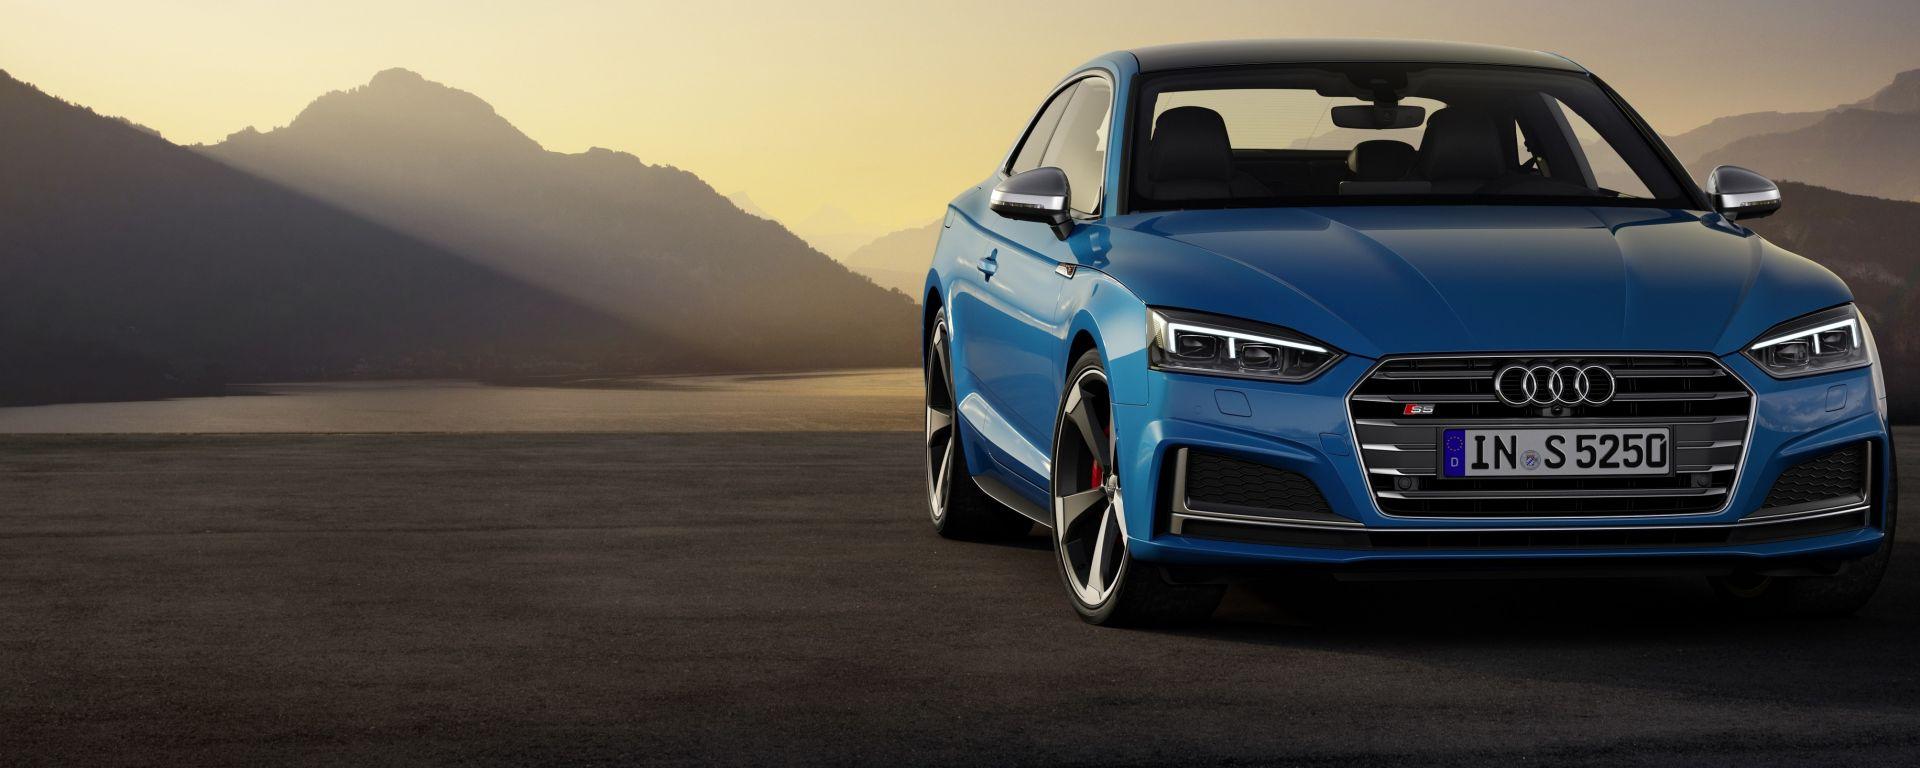 Audi S5 Coupè TDI